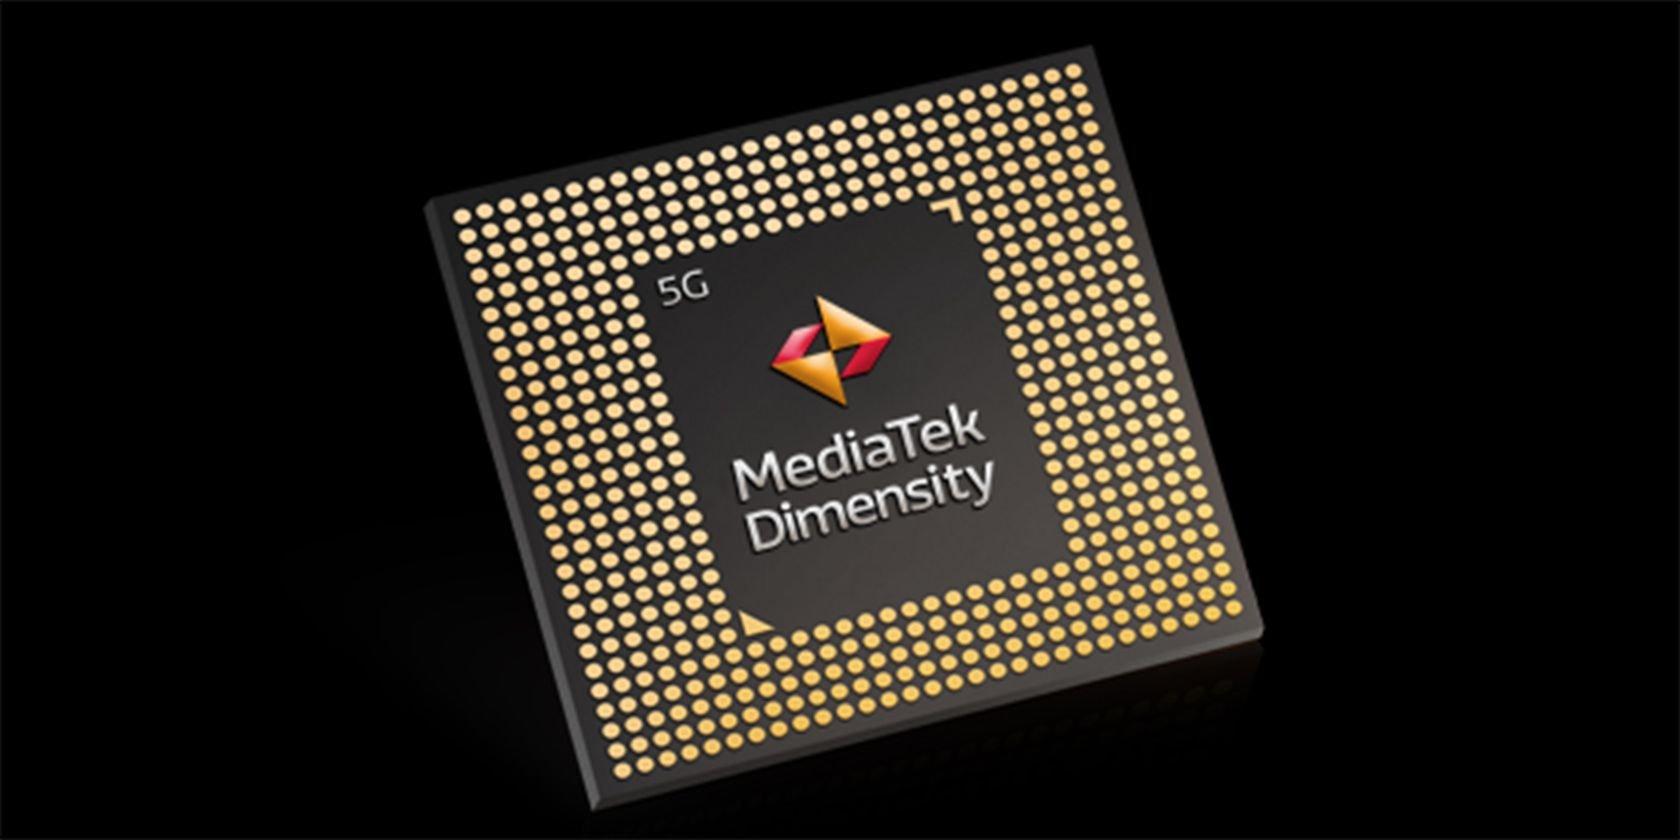 MediaTek تراشه های موبایل بیشتری نسبت به کوالکام در سال 2020 ارسال کرده است